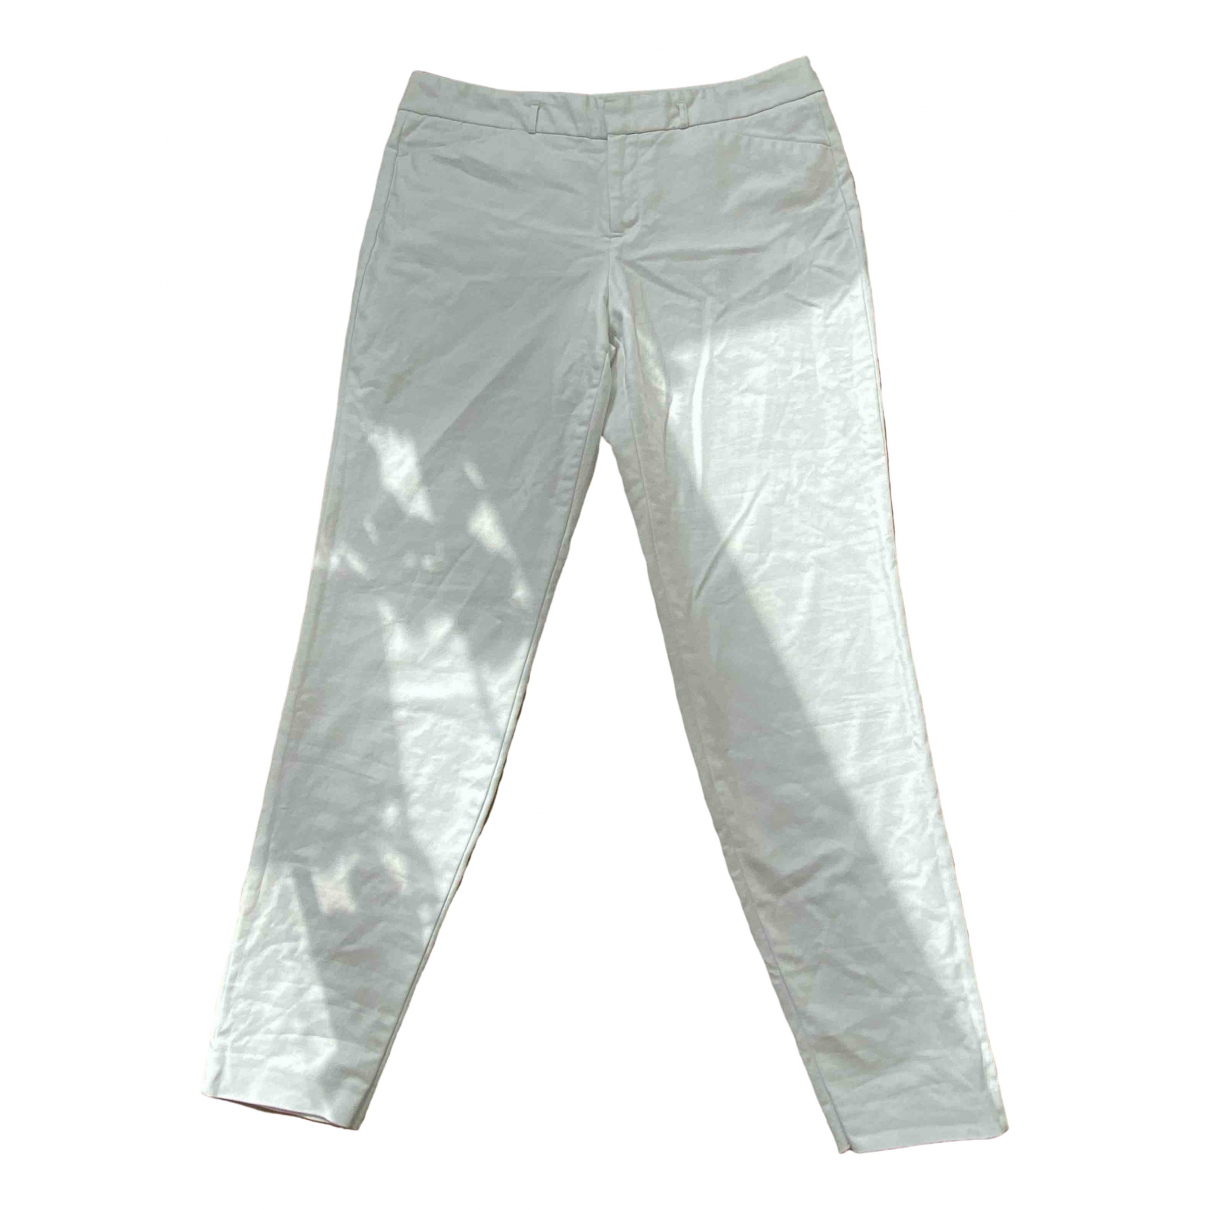 Pantalon recto Dkny